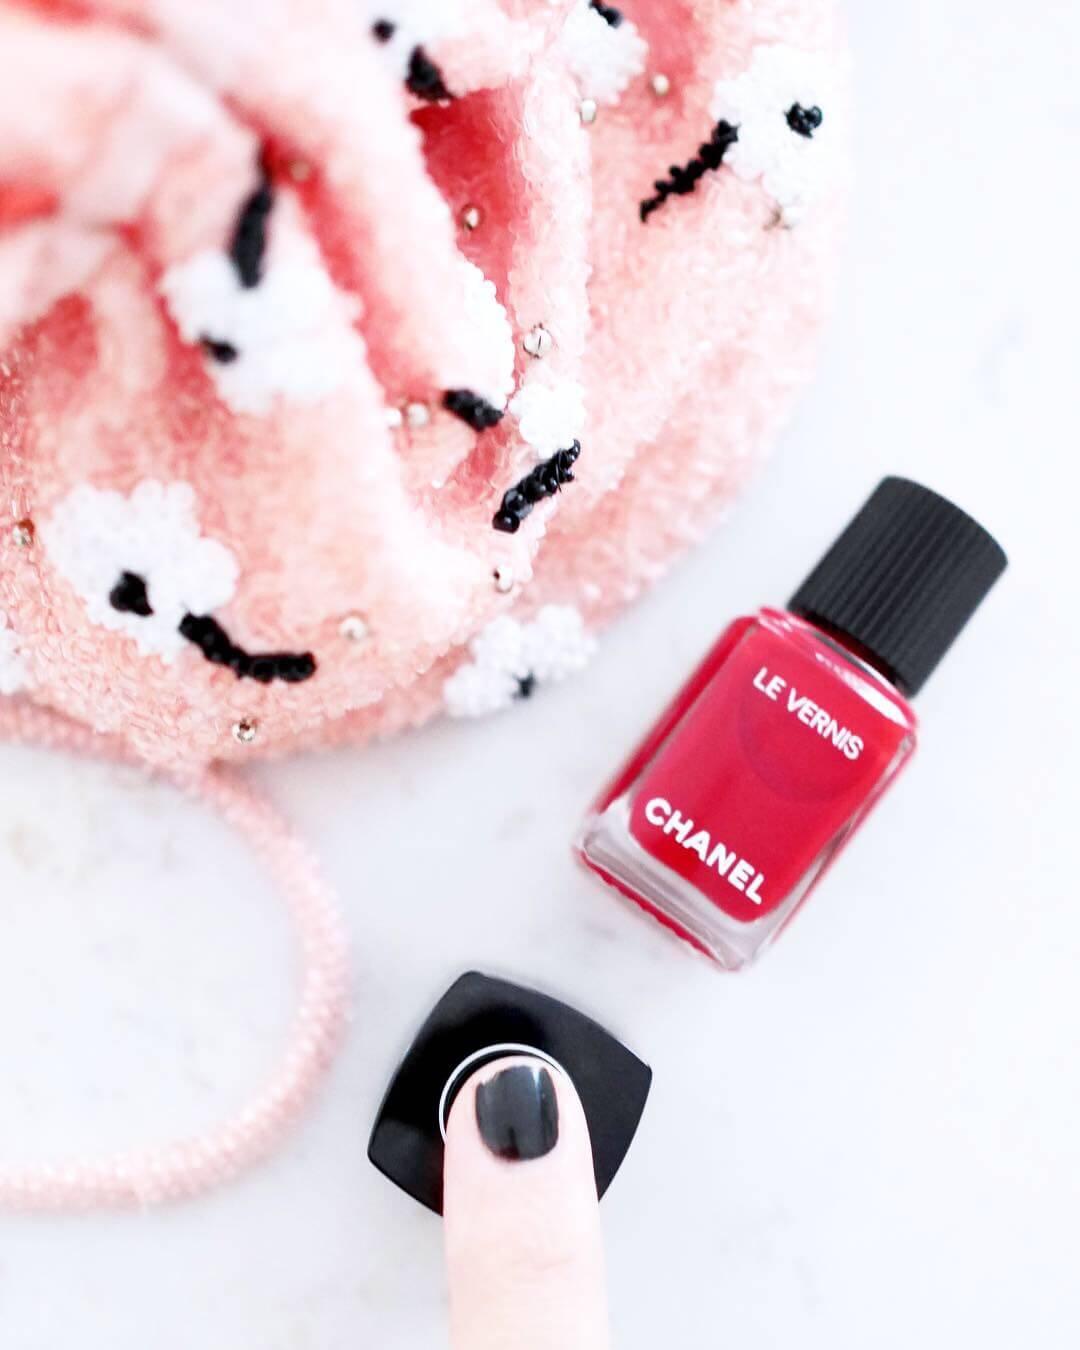 varför har Chanels nagellack dubbla lock